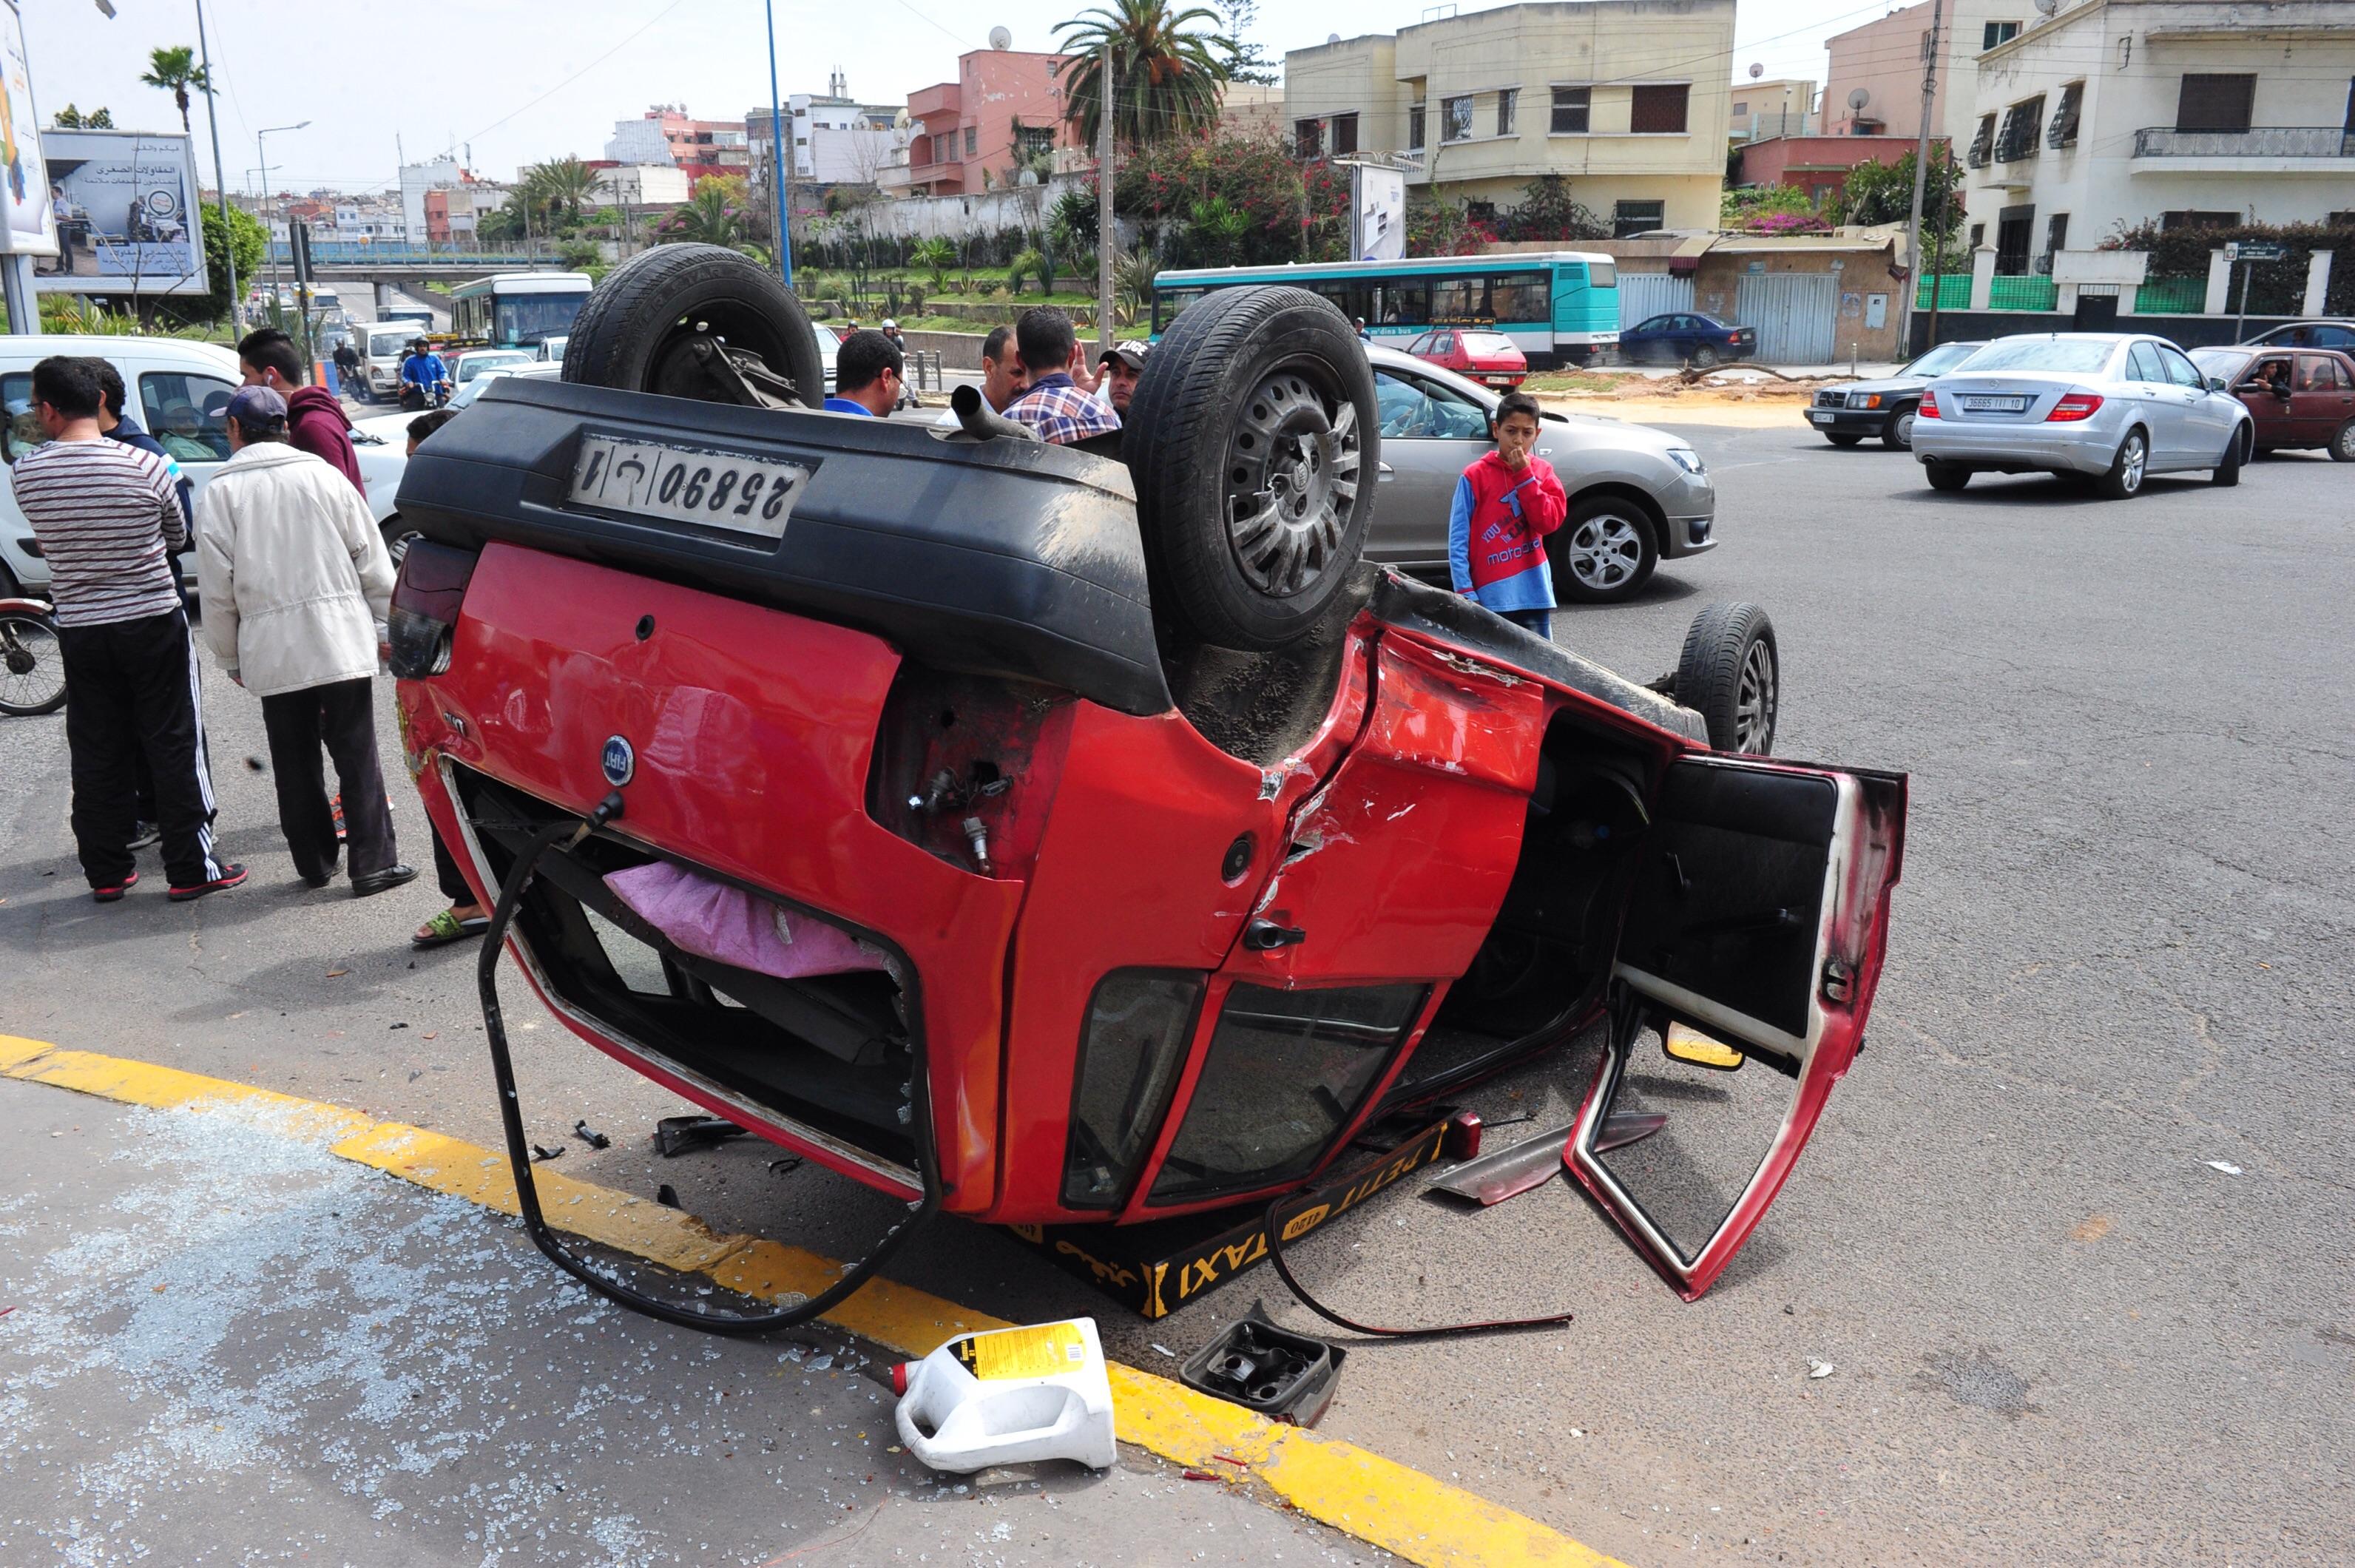 18 قتيلا و1624 جريحا حَصَادُ حربِ الطرق بالمناطق الحضرية  بين 8 و14 ماي الجاري